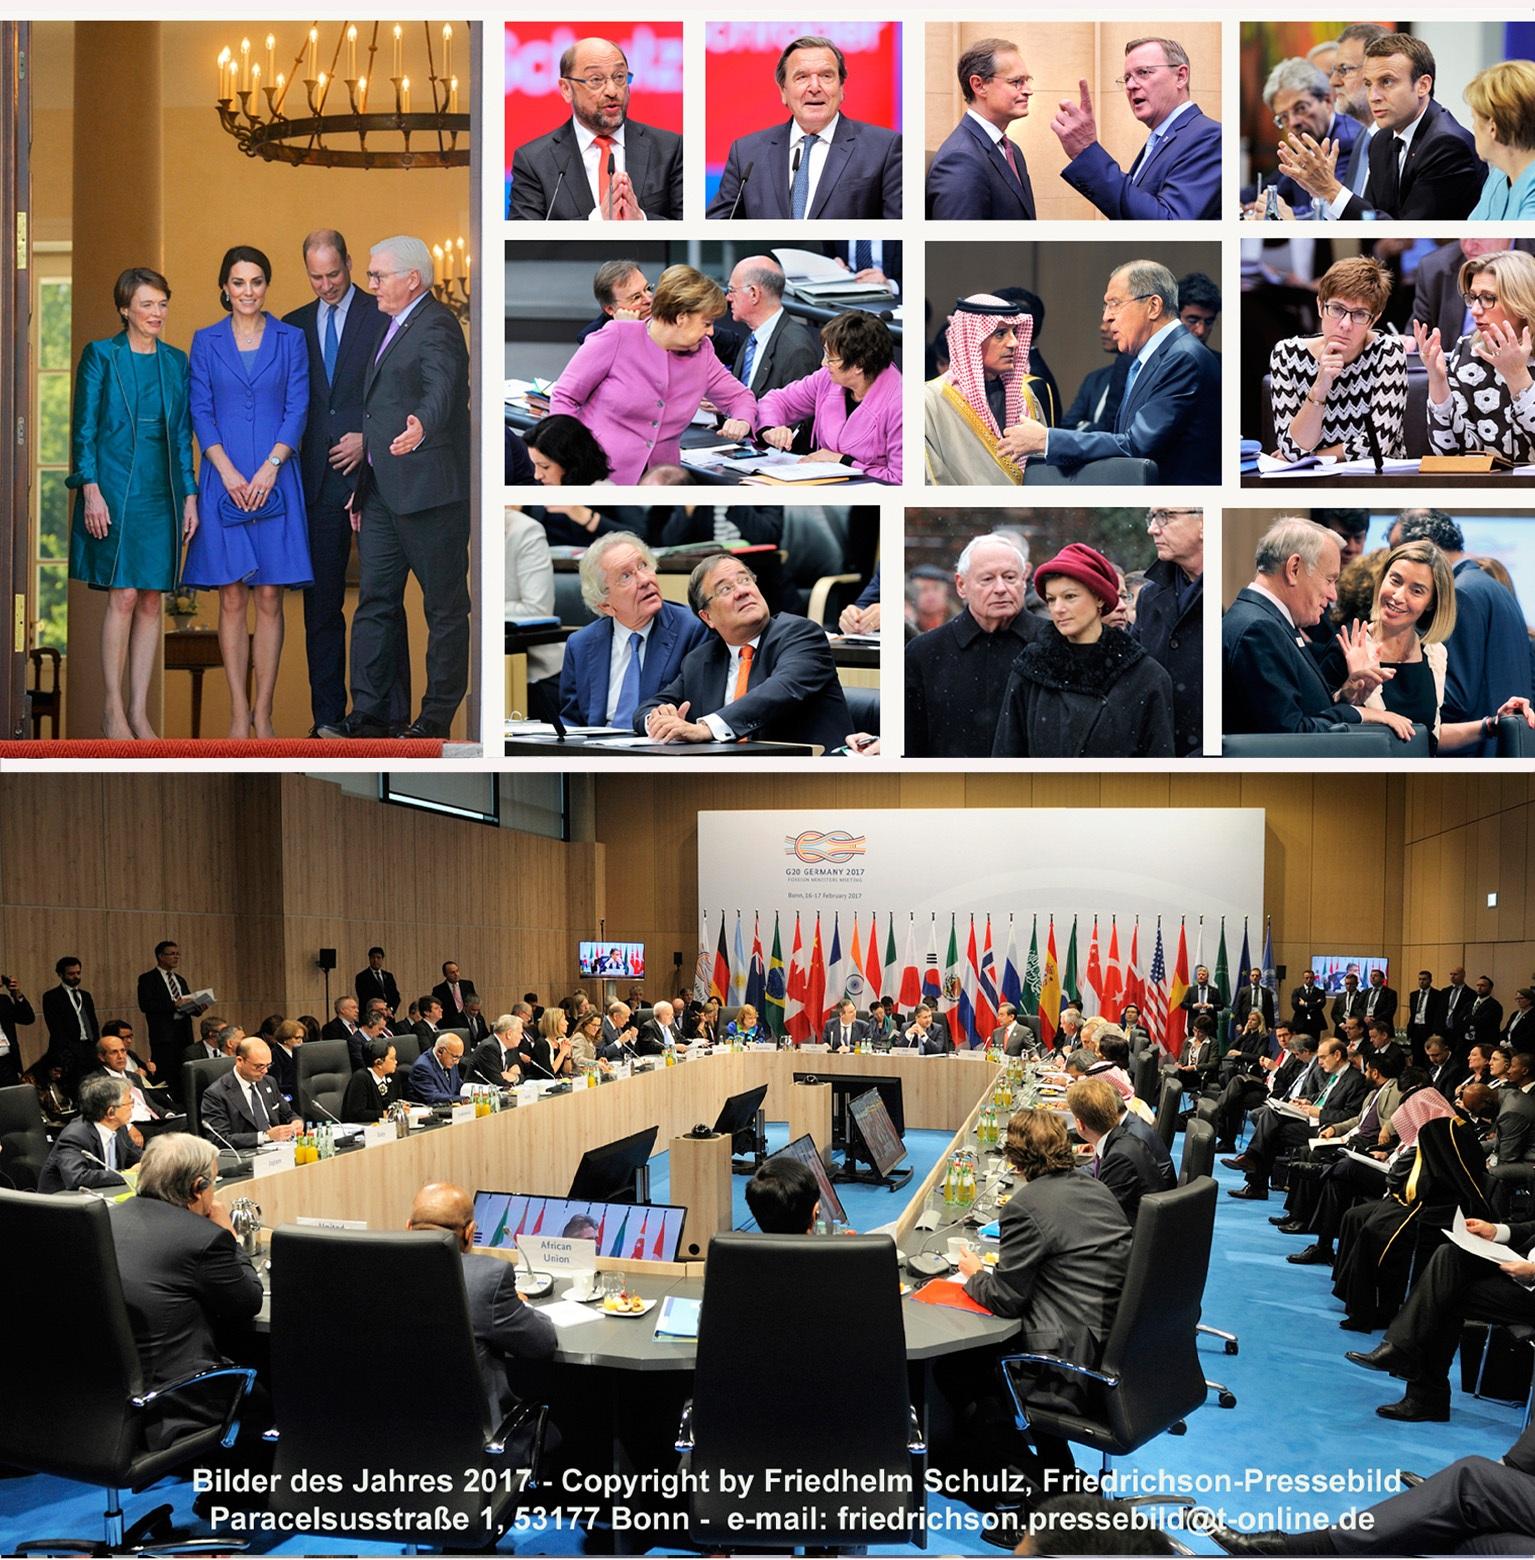 Bundespolitik - Jahresblick 2017 Fotos: Friedhelm Schulz/Friedrichson Pressebild